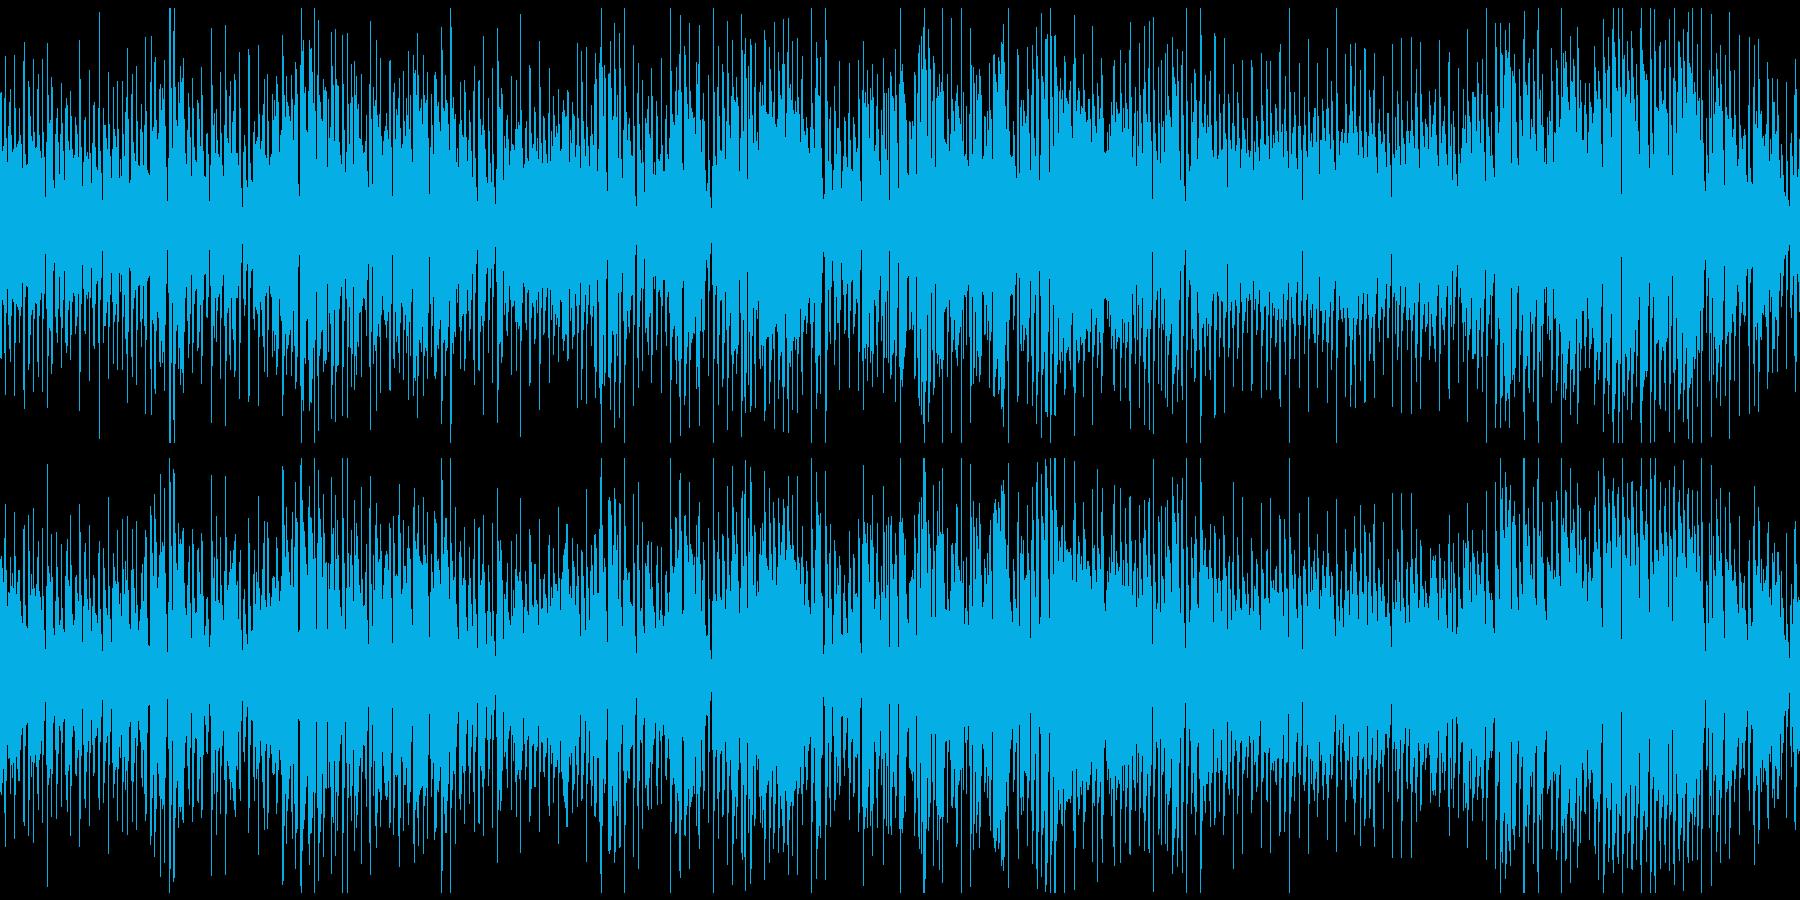 楽しいマヌーシュジャズ ※ループ仕様版の再生済みの波形